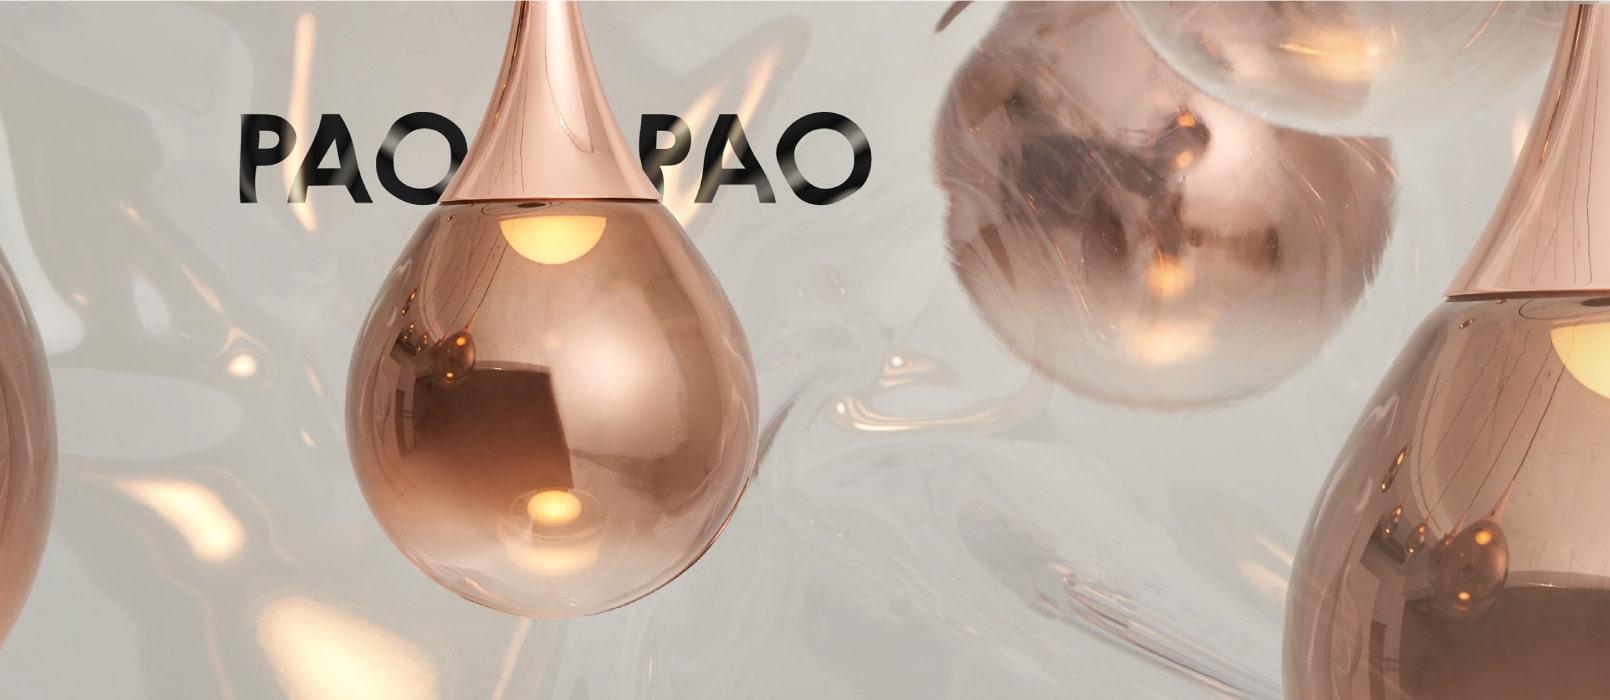 PaoPao Pendant